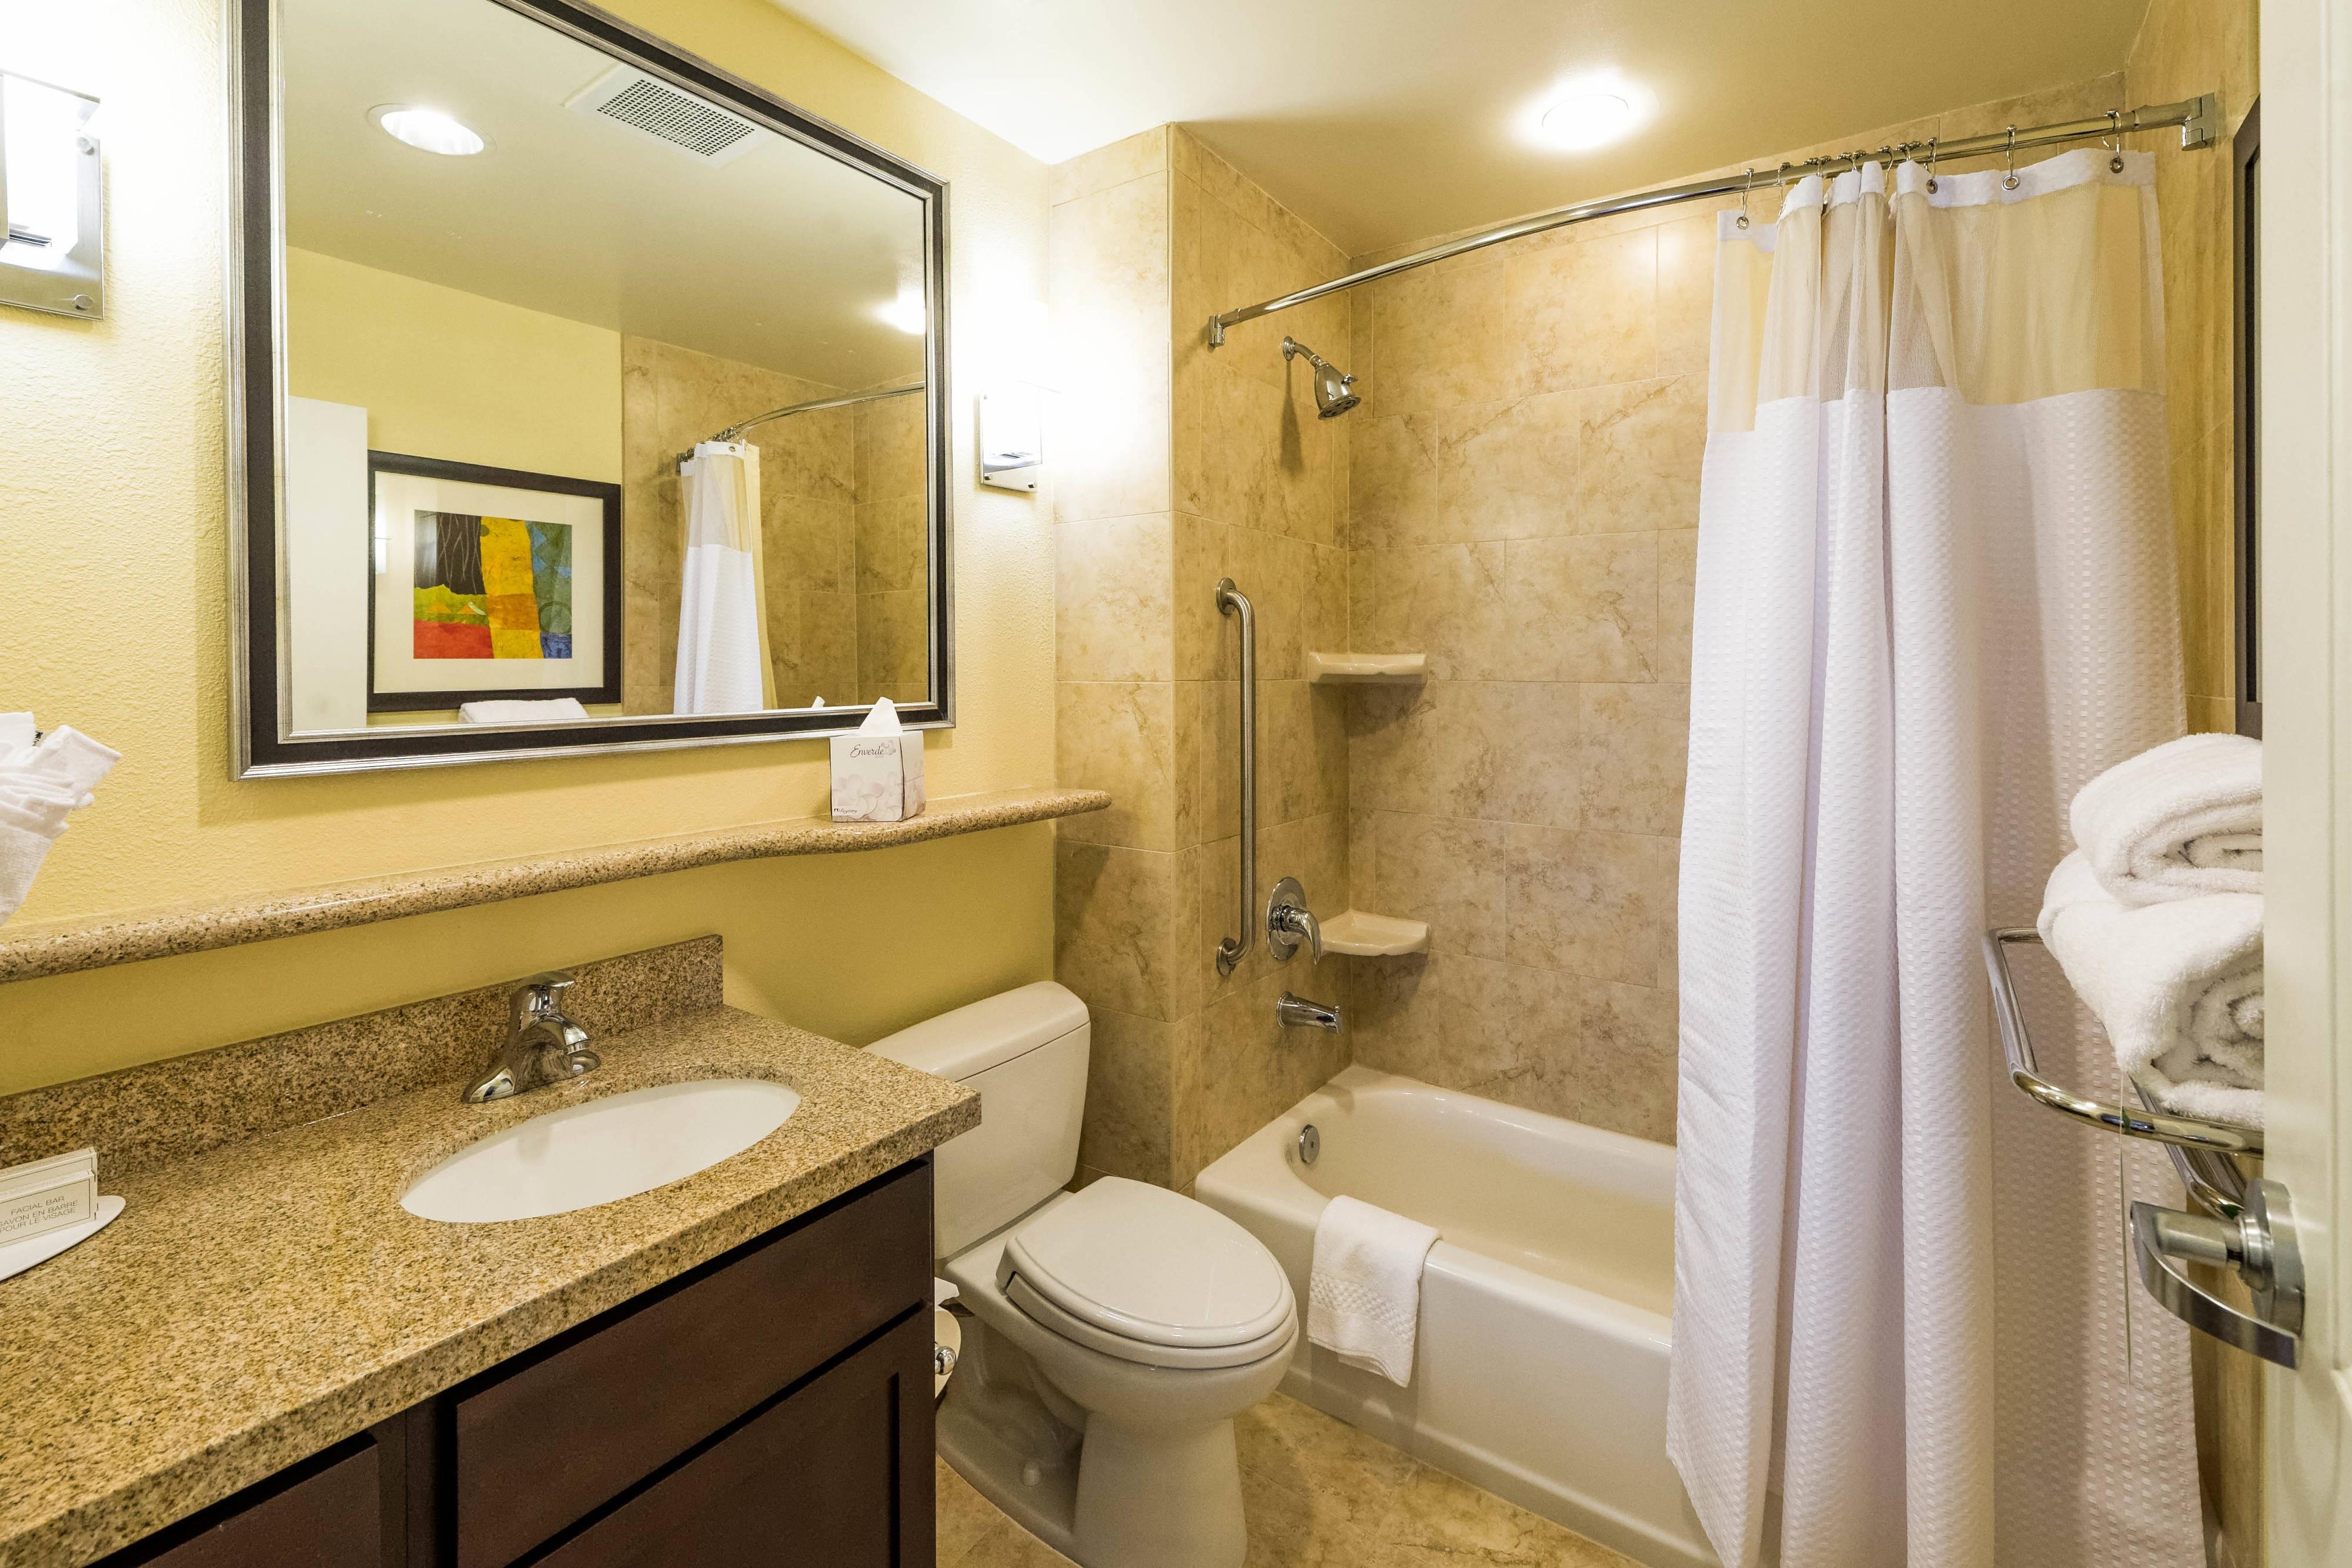 El Paso Hotel Bathroom